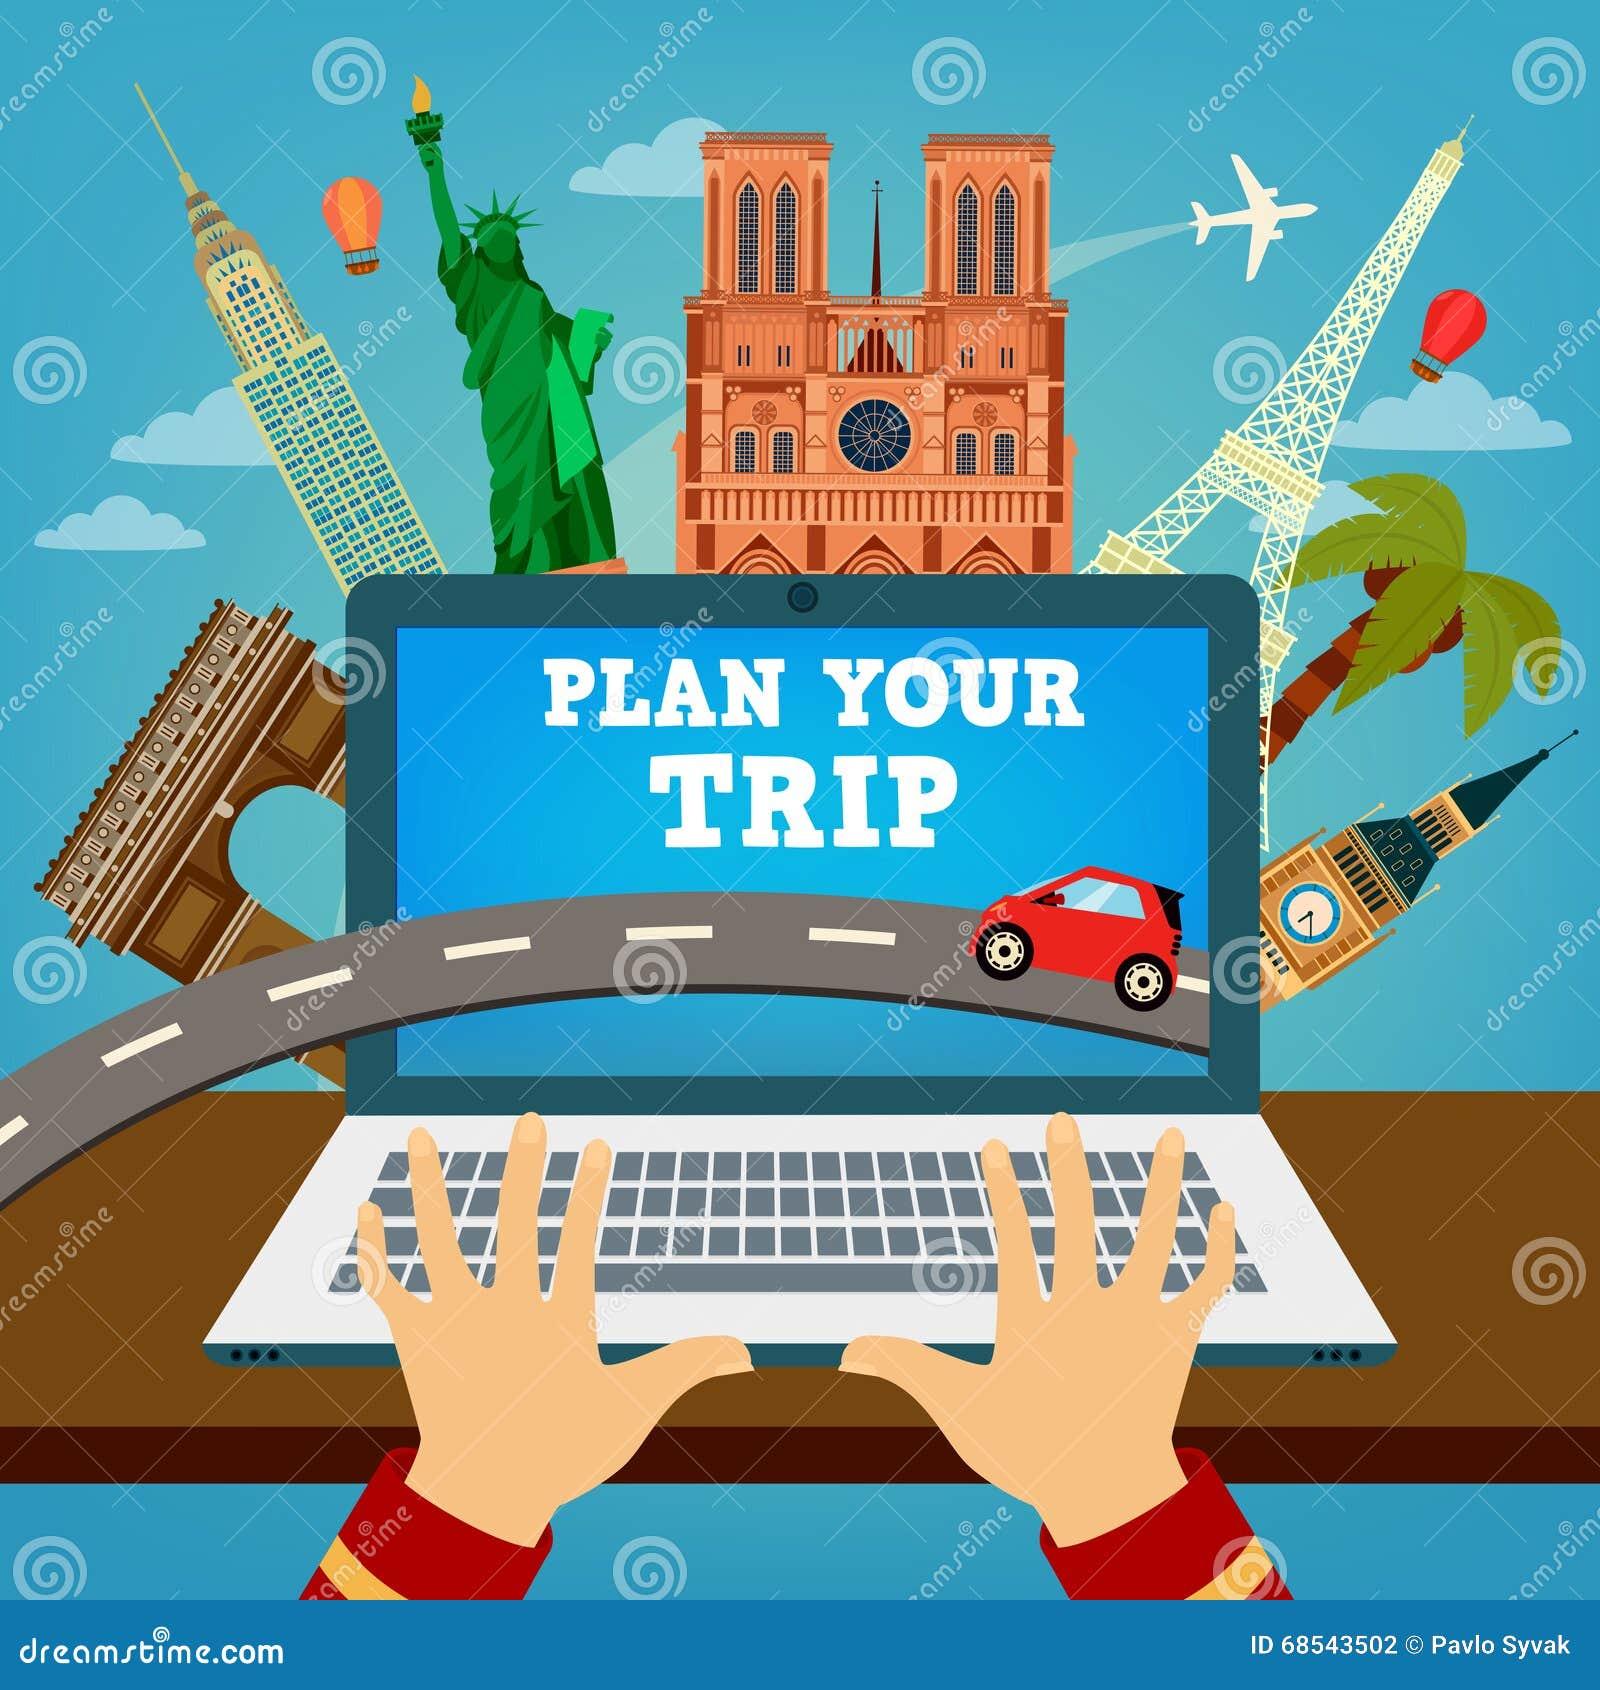 Planee su viaje bandera del viaje planeamiento de las vacaciones ilustraci n del vector - Banera de viaje ...